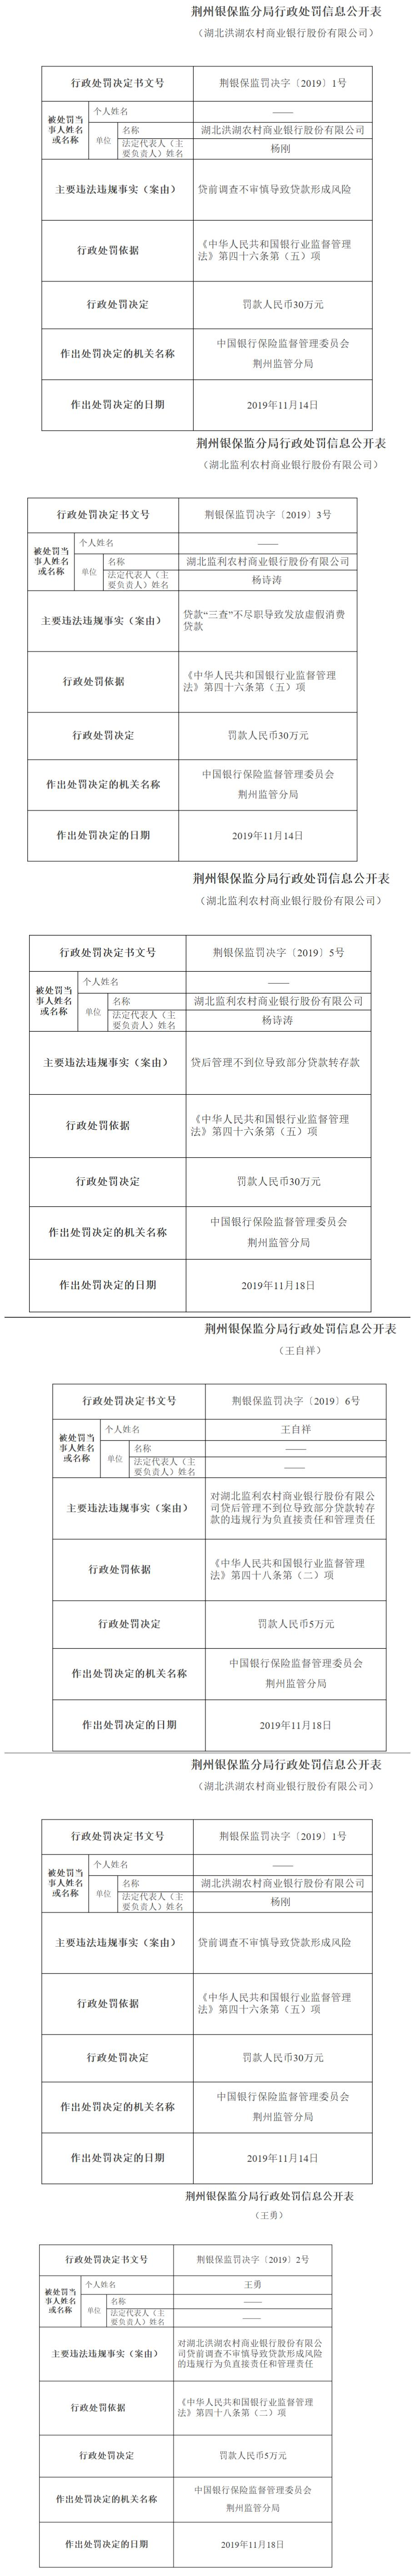 荆州银保监分局排查银行贷款风险 洪湖、监利两家农商银行遭处罚